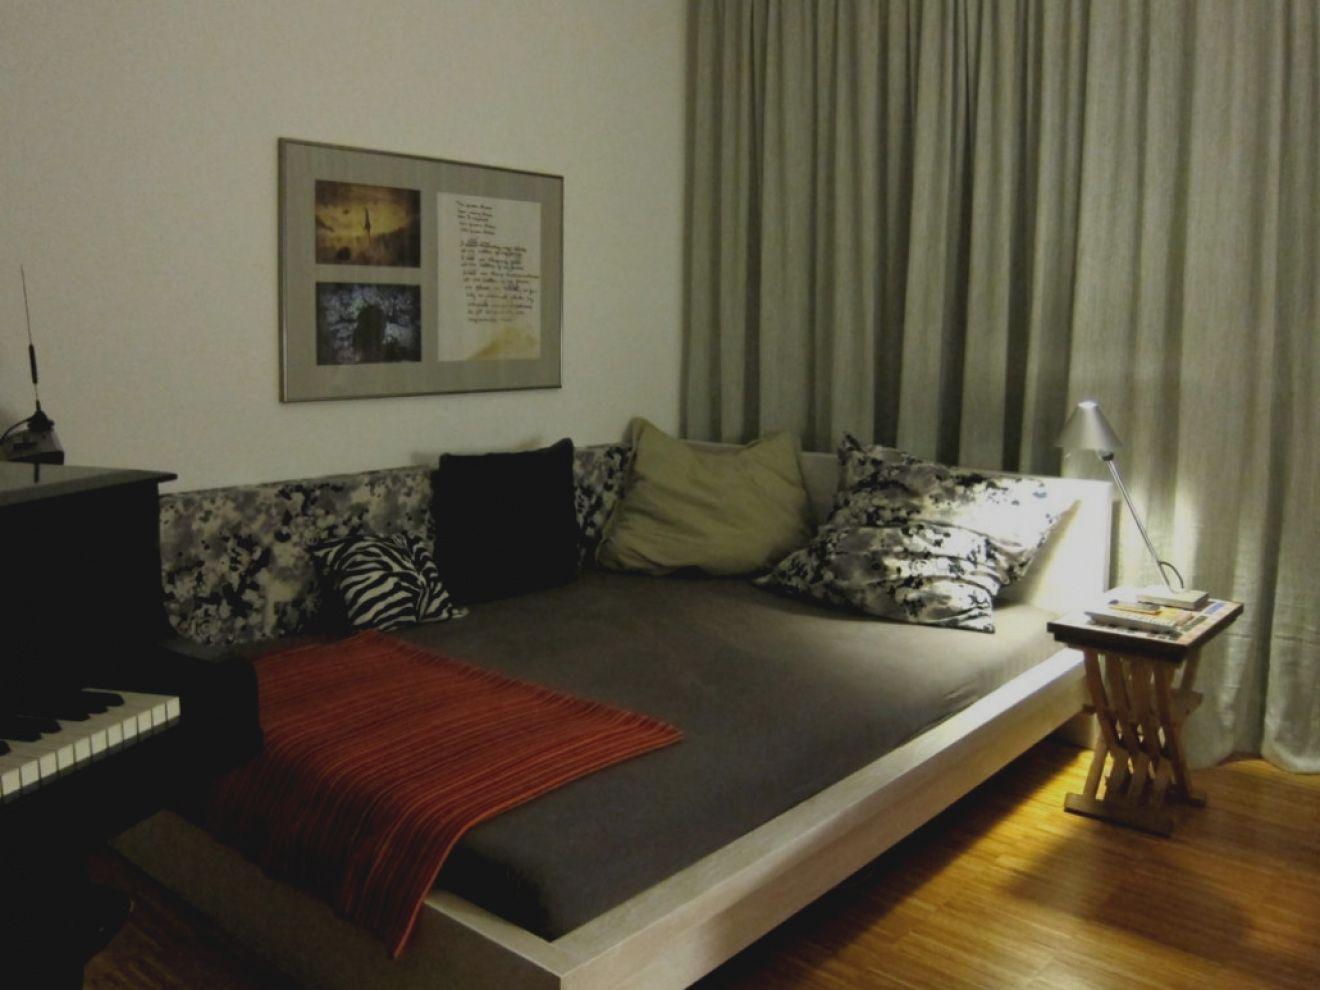 bett im wohnzimmer ideen Couch, Room, Home decor